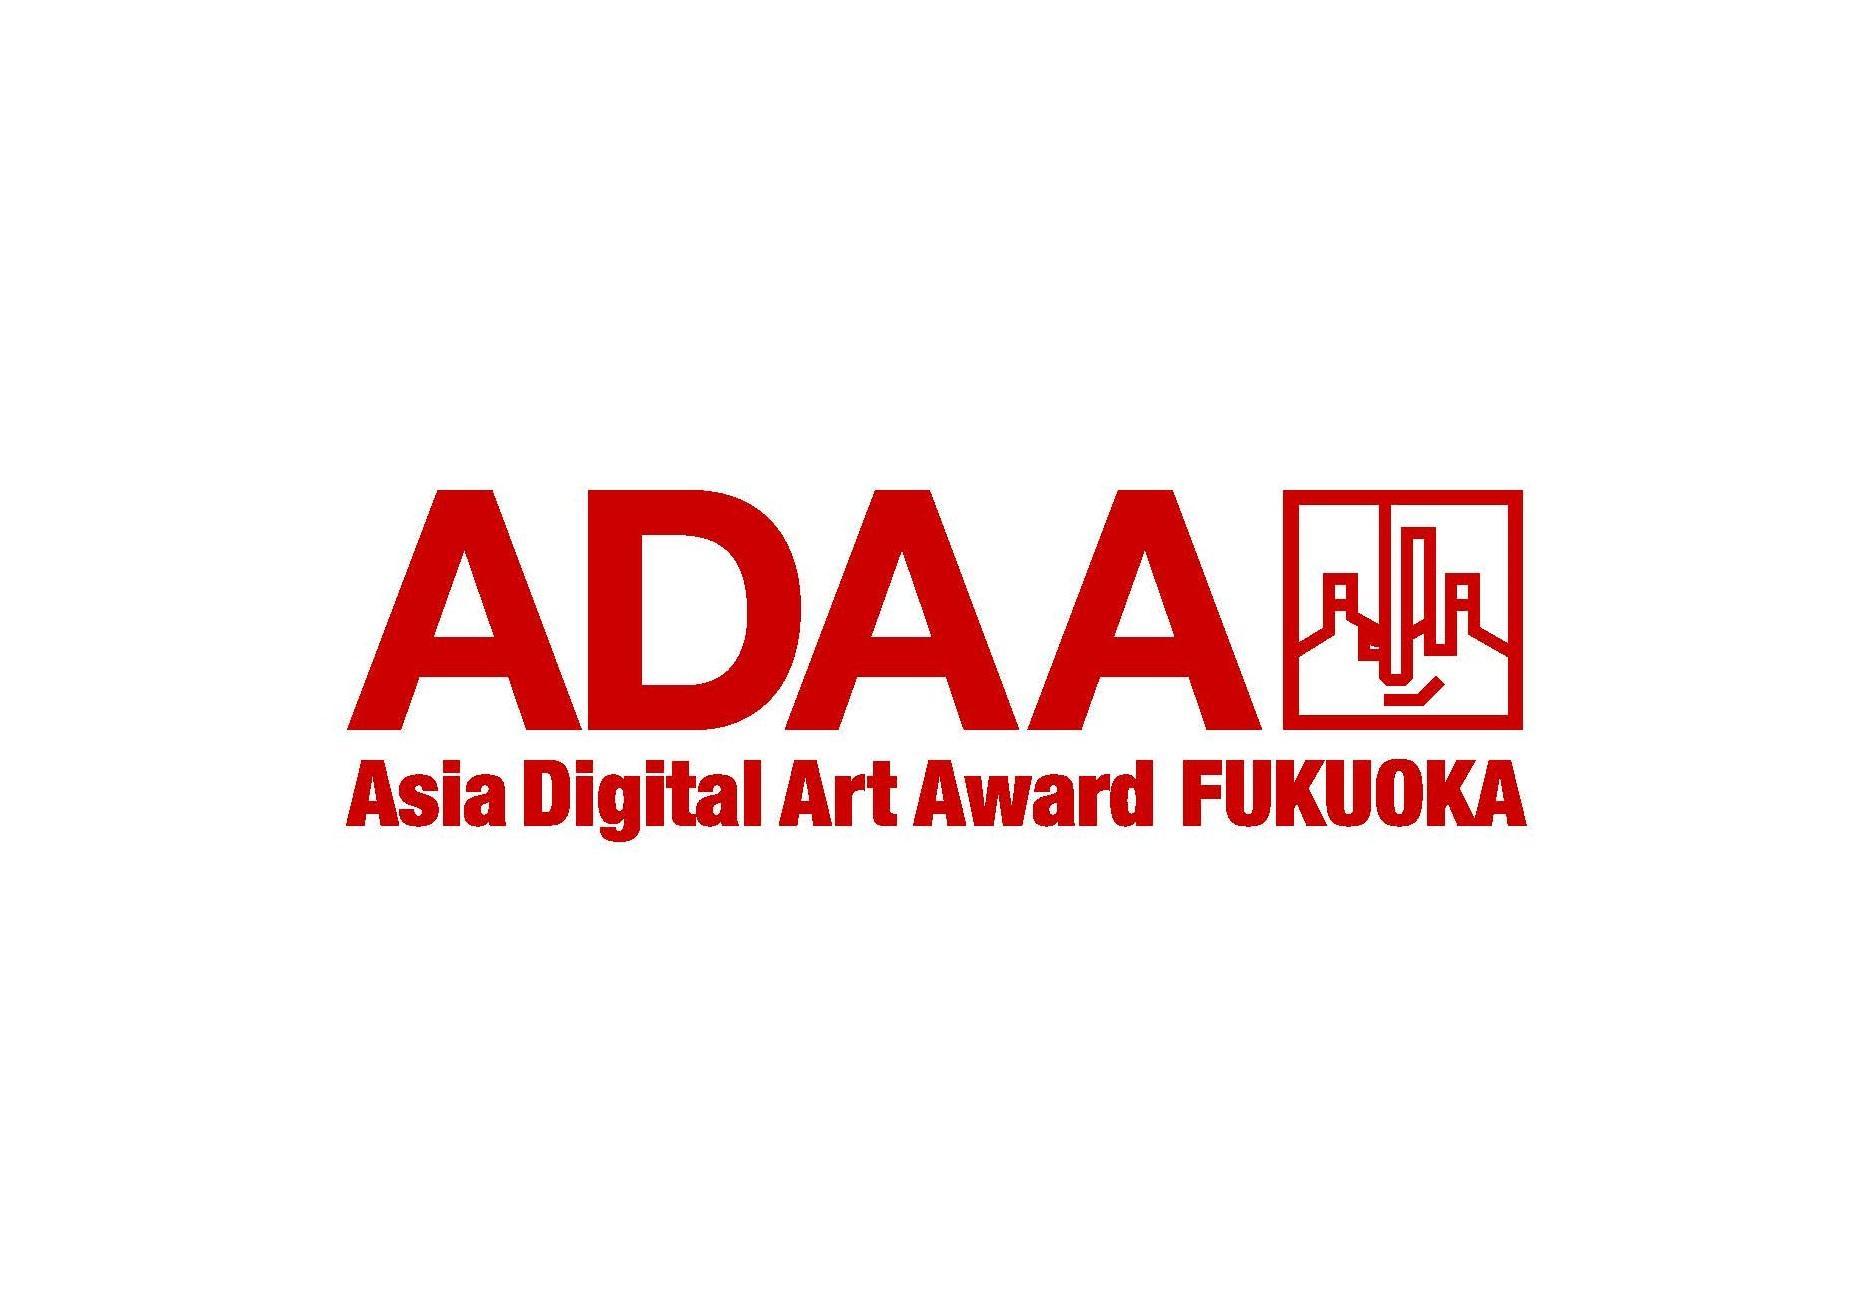 ADAA_kyushuuniversity.jpg